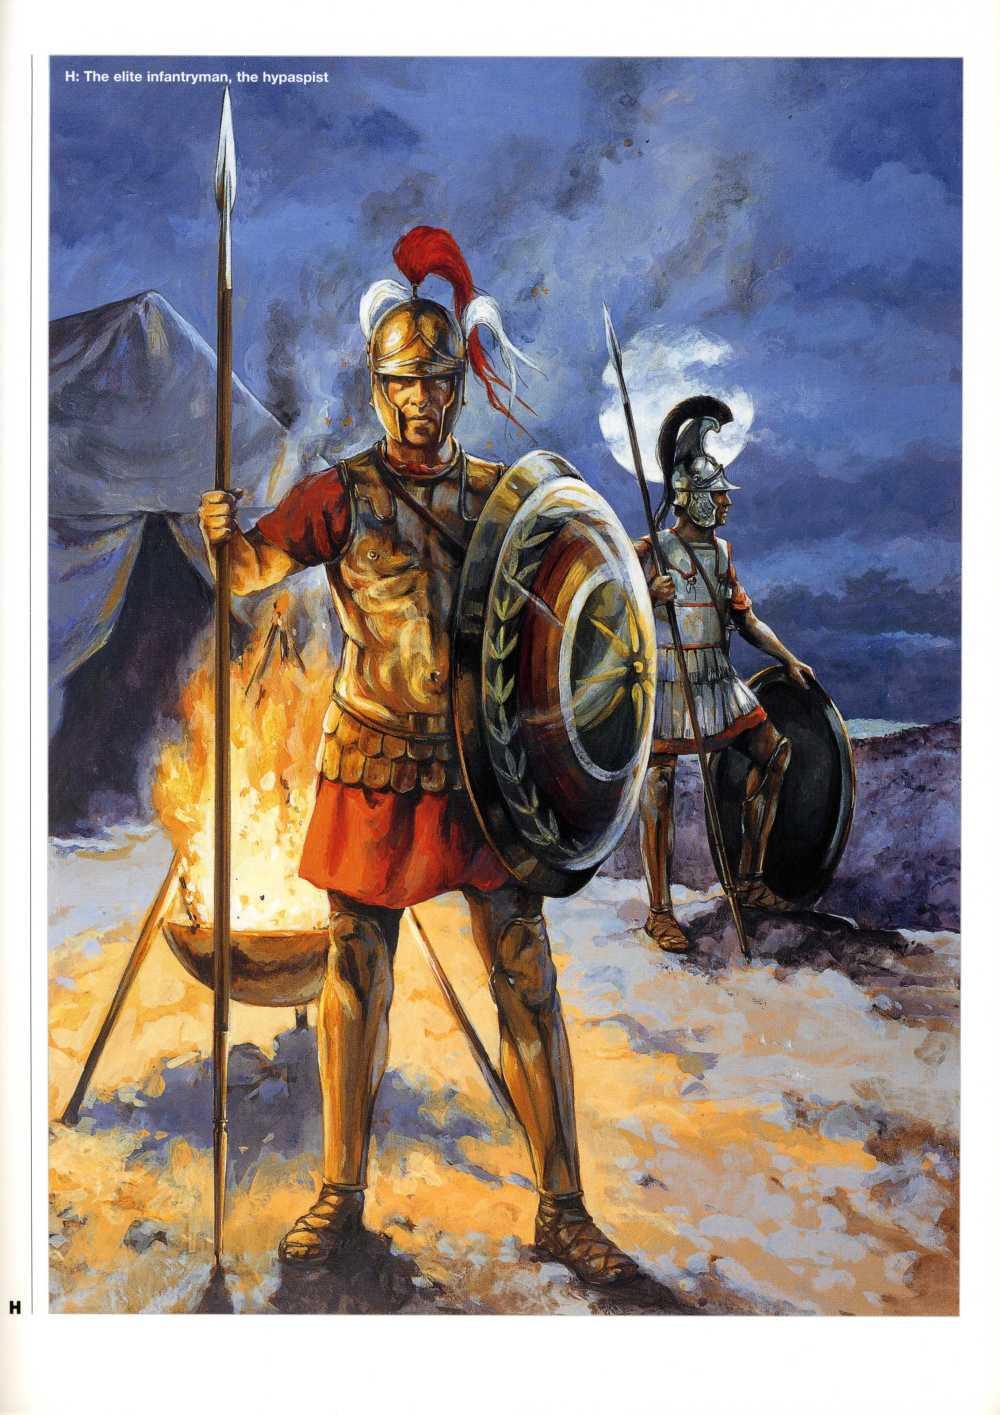 披甲的持盾卫兵,右边的头盔已经采用了铁制。他们使用的长矛比方阵步兵更短,一只手就可以操作